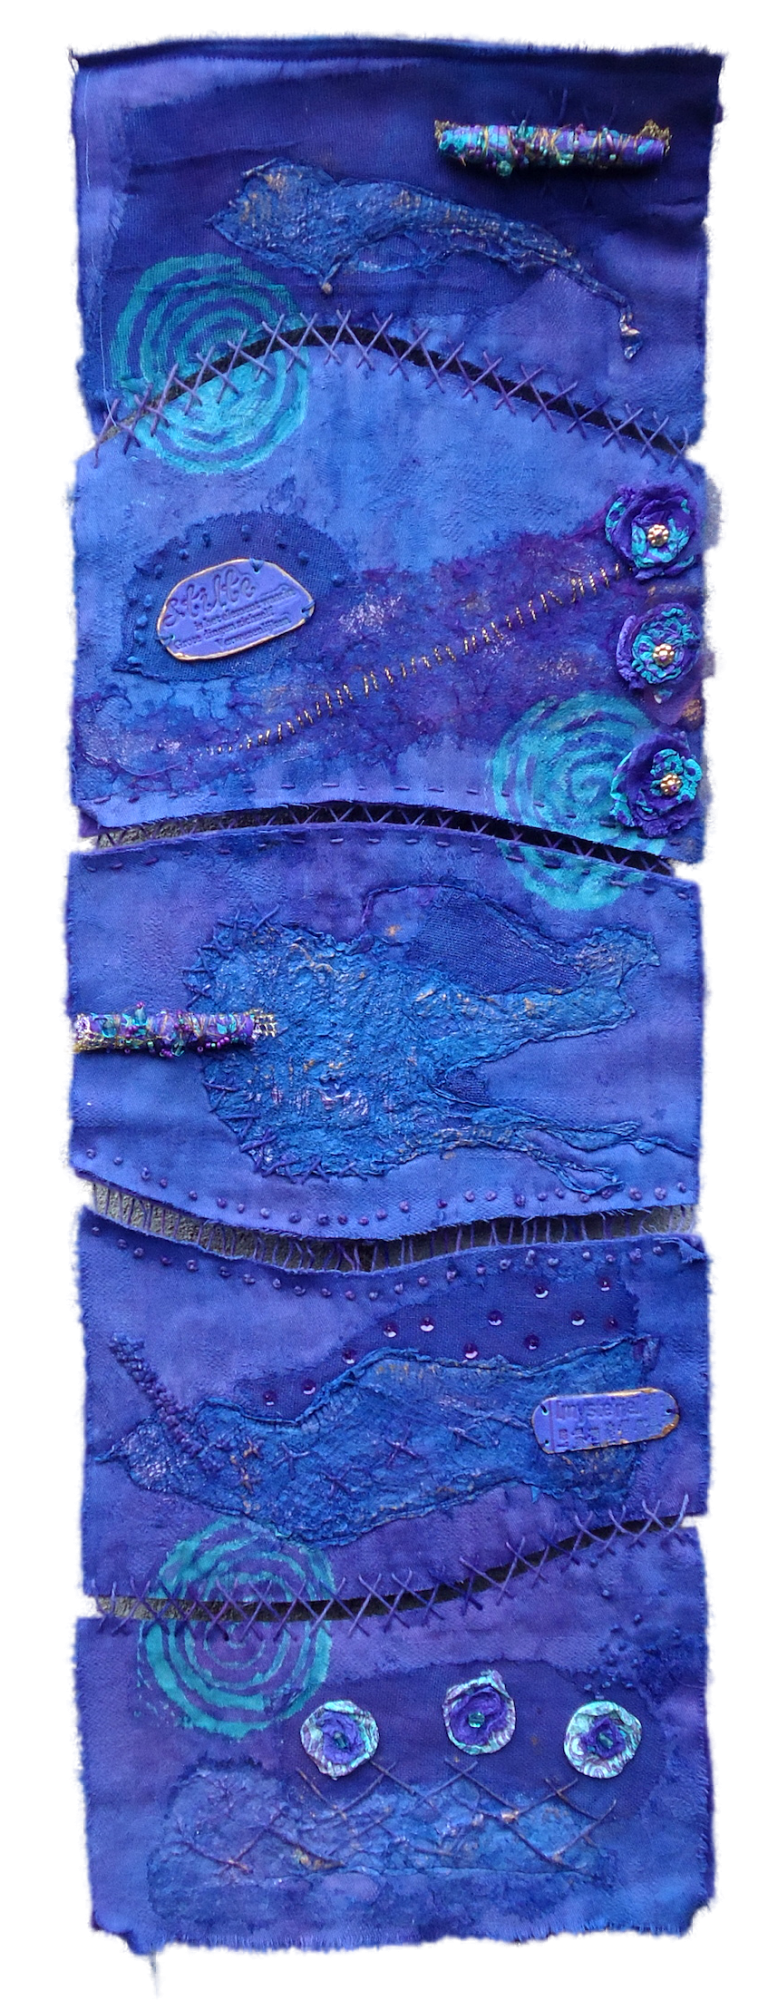 Bleu Silence - Deze is samengesteld uit verschillende materialen die samen in een verfbad zijn gegaan waardoor kleurnuances ontstonden. De lap is doorgeknipt, weer aan elkaar 'geborduurd' en vervolgens zijn er decoratieve elementen aangebracht van foam en Tyvek.